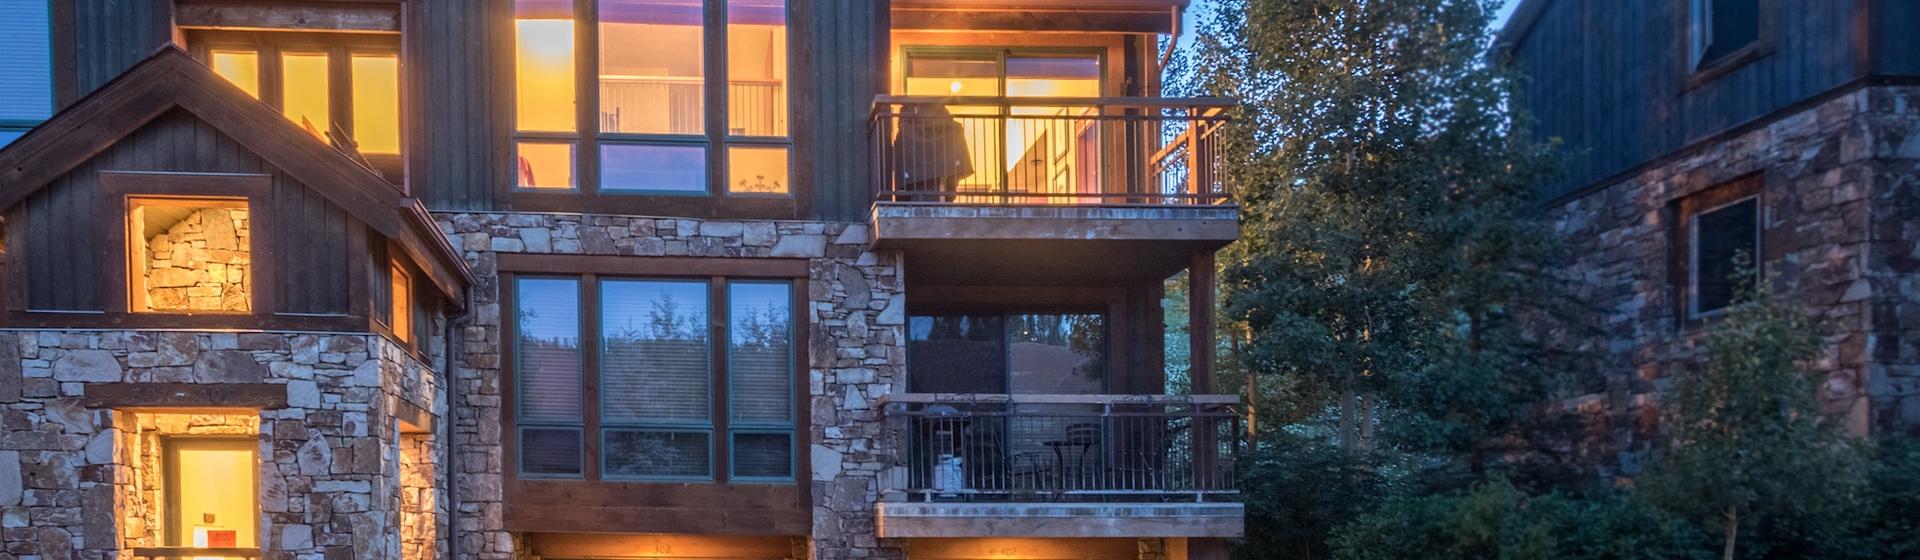 1-Telluride-Terraces-402-Exterior.JPG